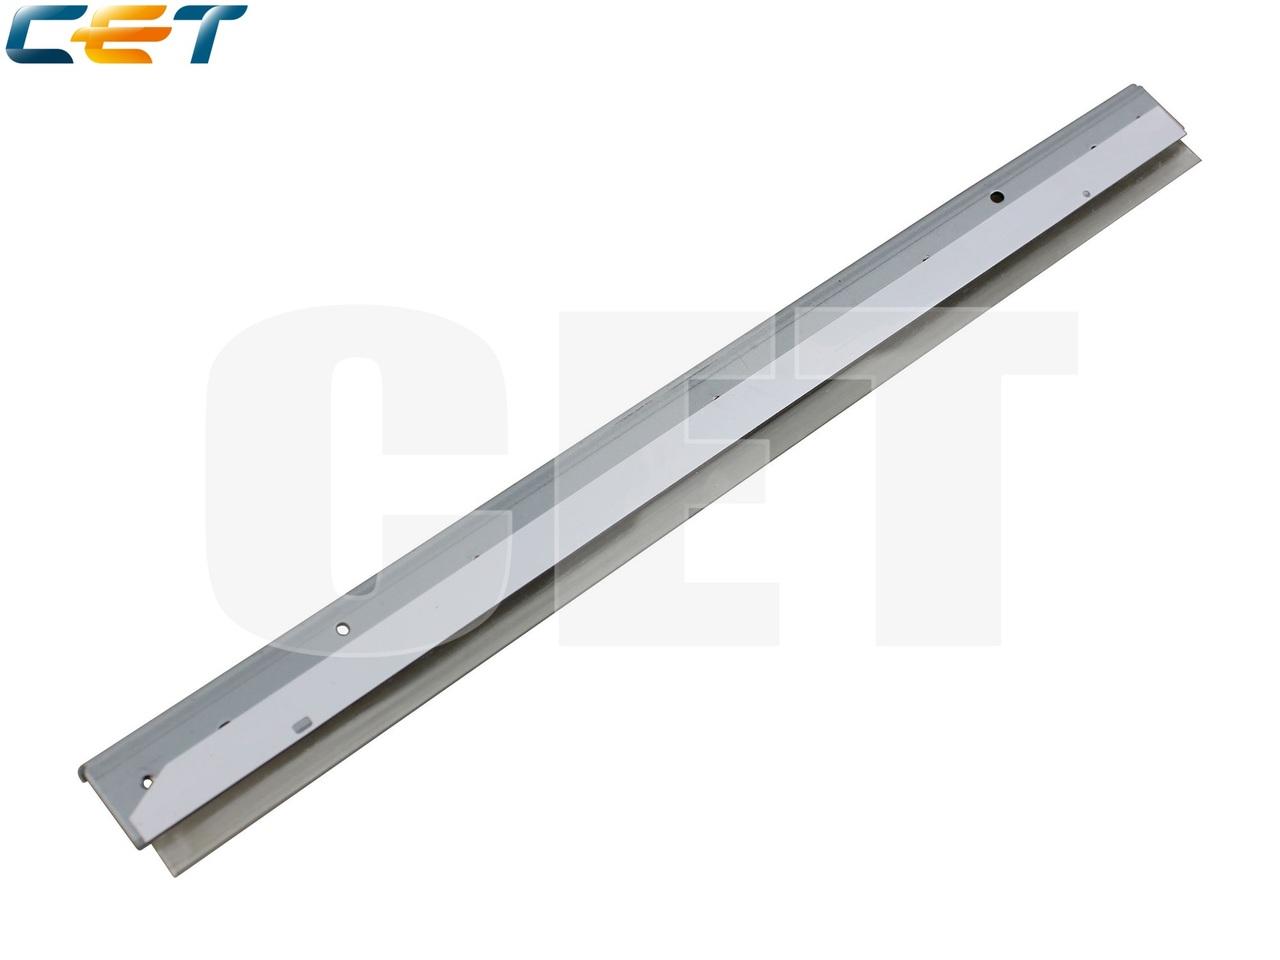 Ракель (новая версия драм-юнита) для CANON iR ADVANCEC5030/C5035/C5045/C5051/C5235/C5240/C5250/C5255 (CET),CET5114